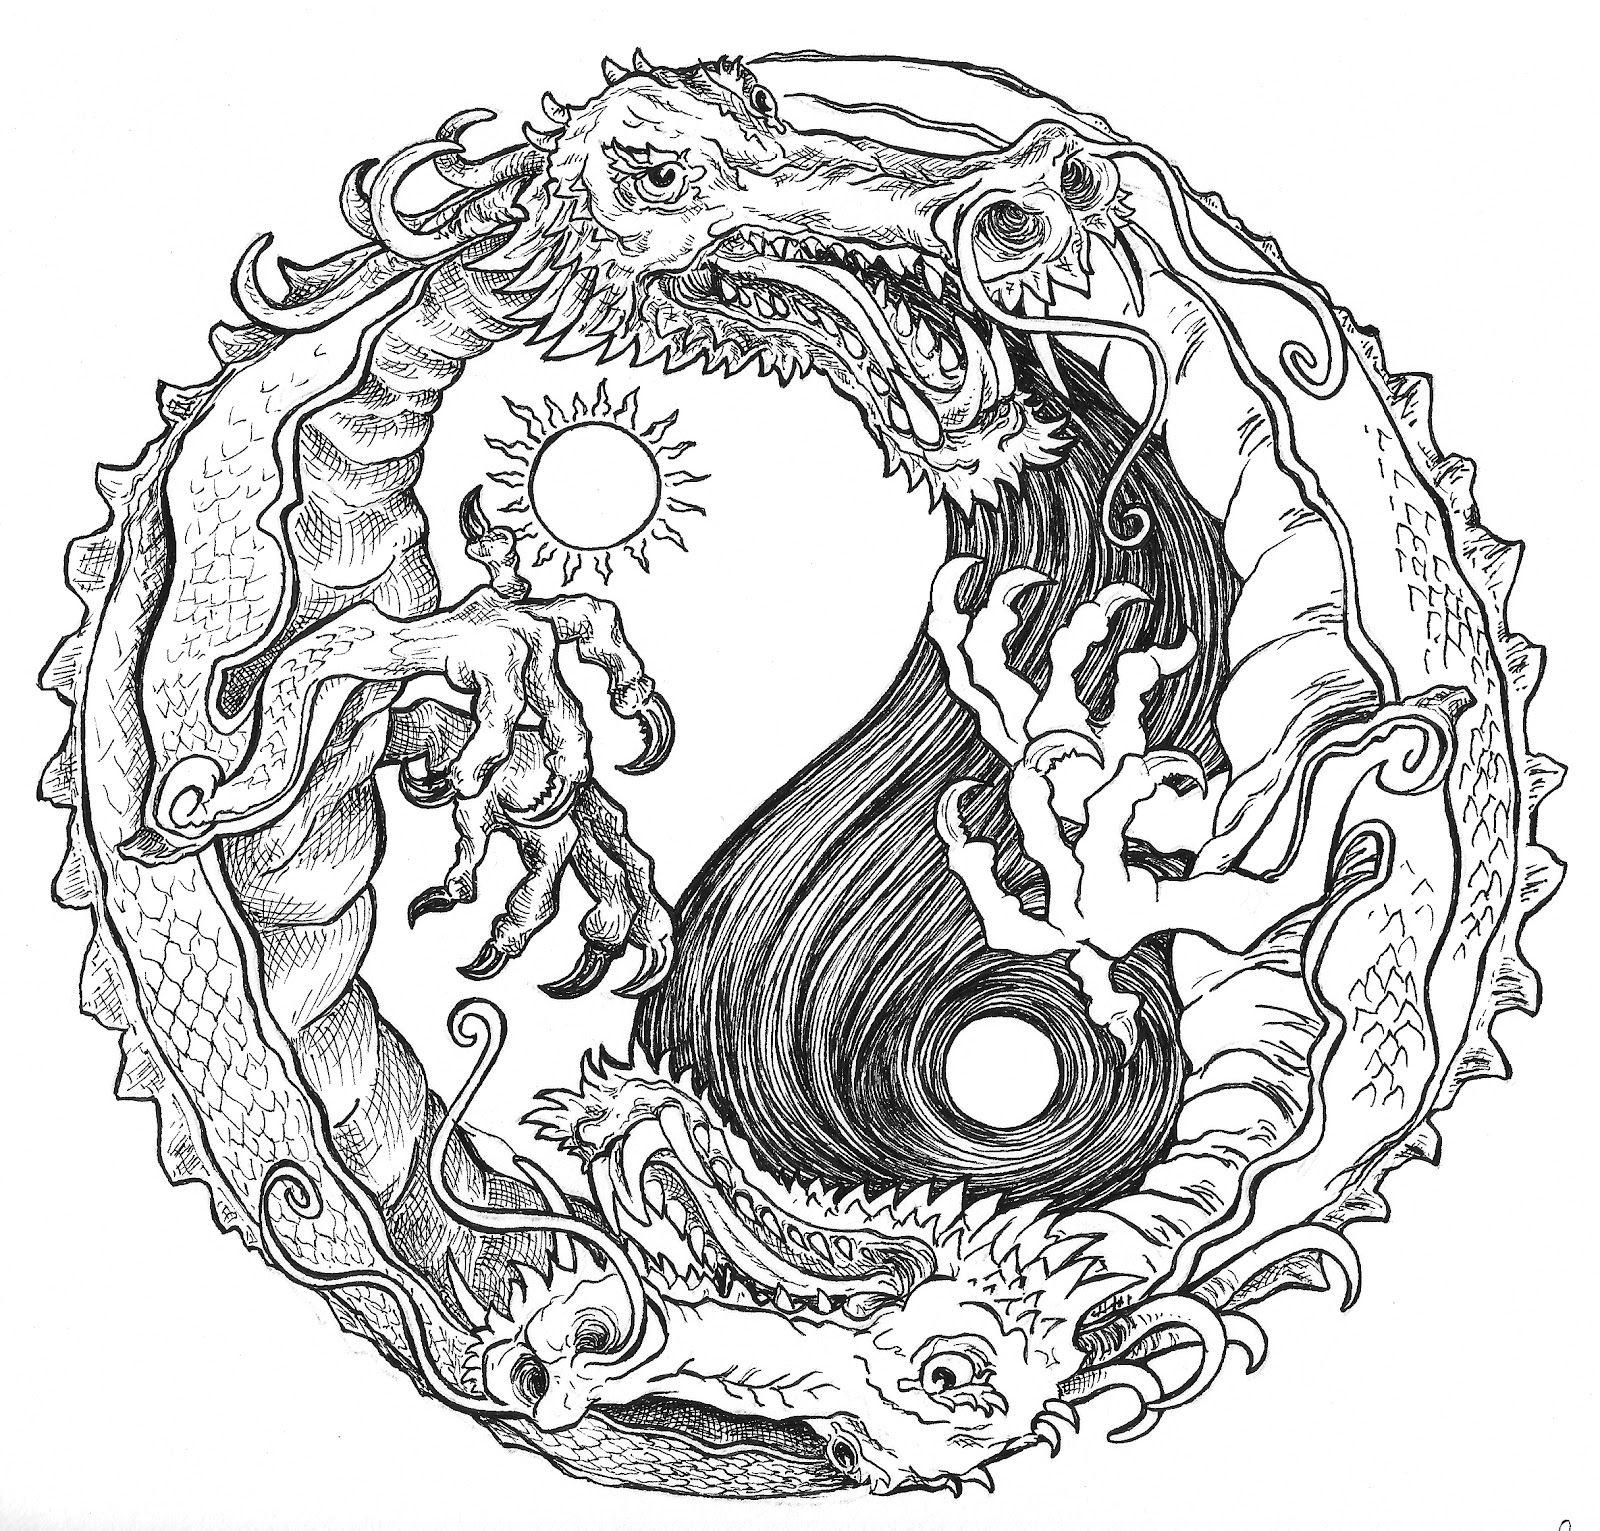 Dragon Yin Yang Sun And Moon Moon Coloring Pages Dragon Coloring Page Detailed Coloring Pages